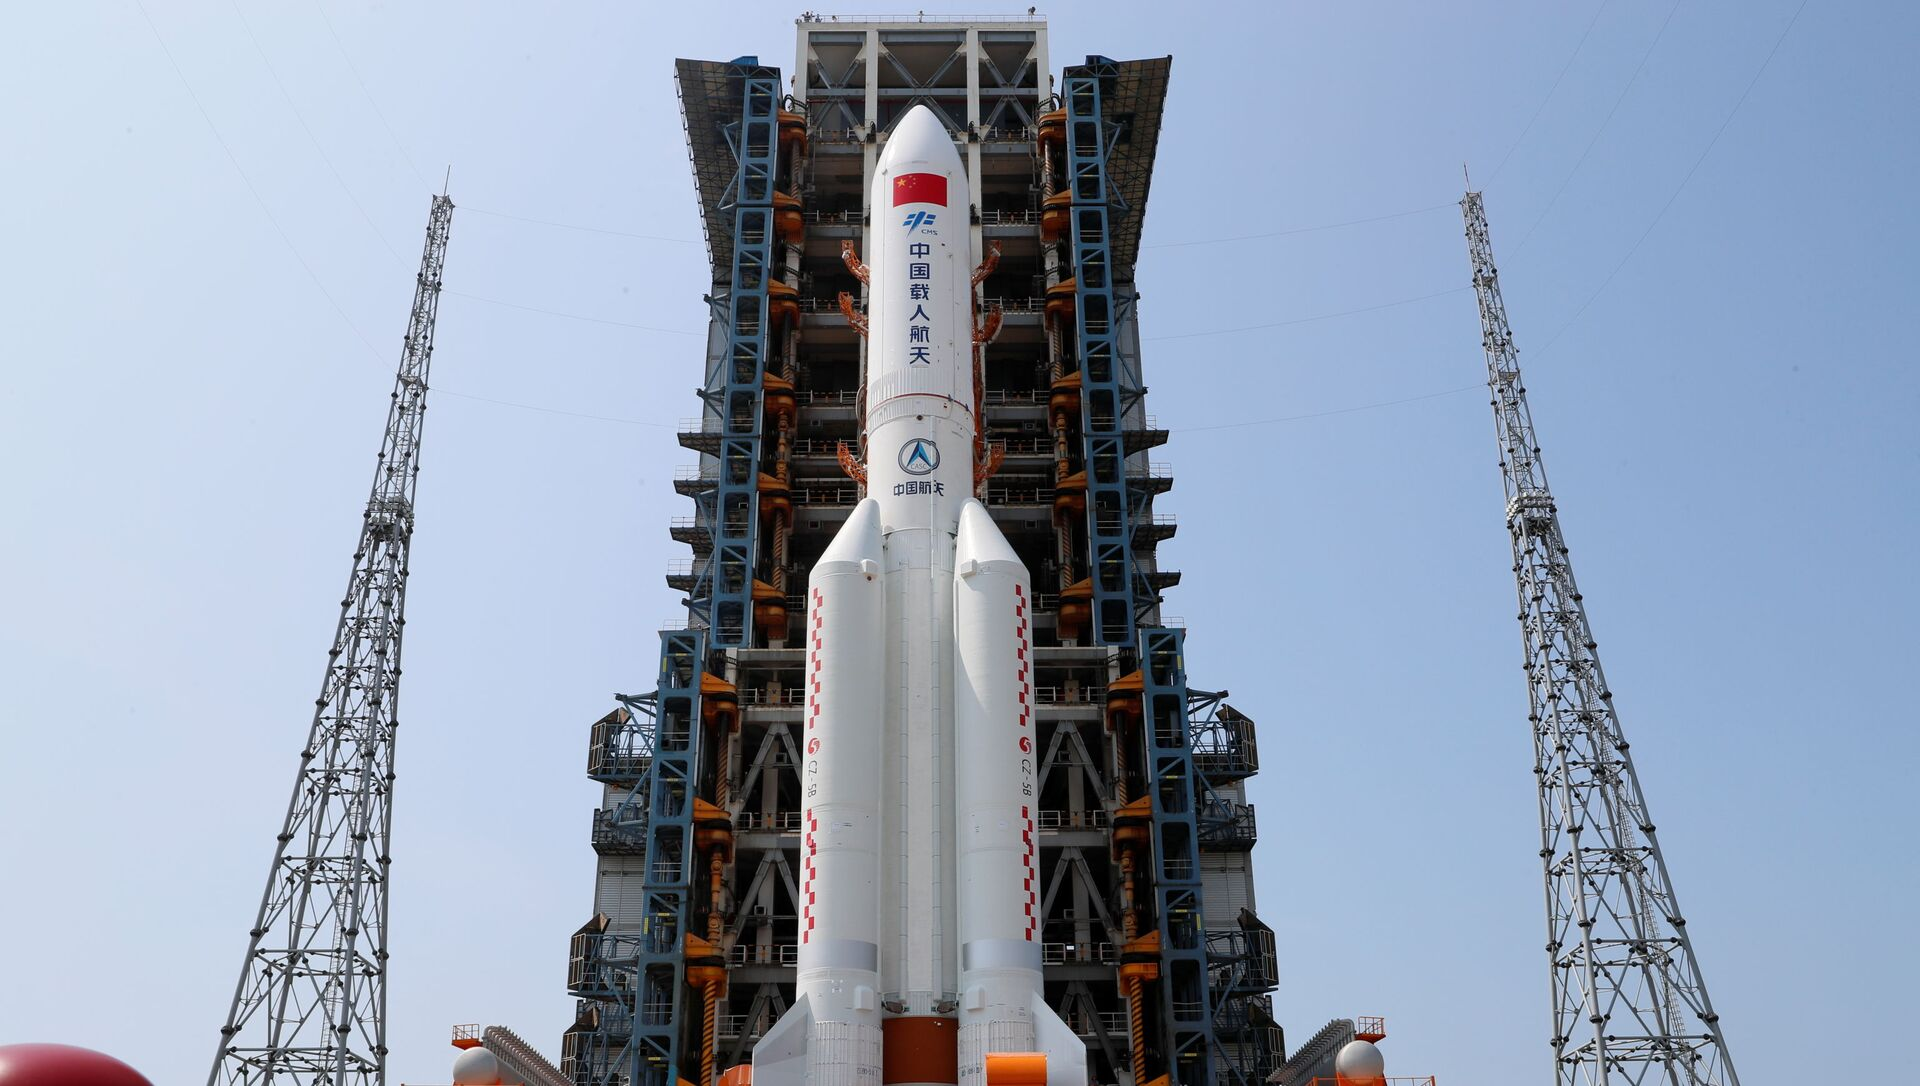 Tên lửa đẩy Trường Chinh-5B Y2 mang theo mô-đun lõi Thiên Hòa của trạm vũ trụ Trung Quốc trên sân phóng tại sân bay vũ trụ Văn Xương trên đảo Hải Nam, Trung Quốc - Sputnik Việt Nam, 1920, 29.04.2021